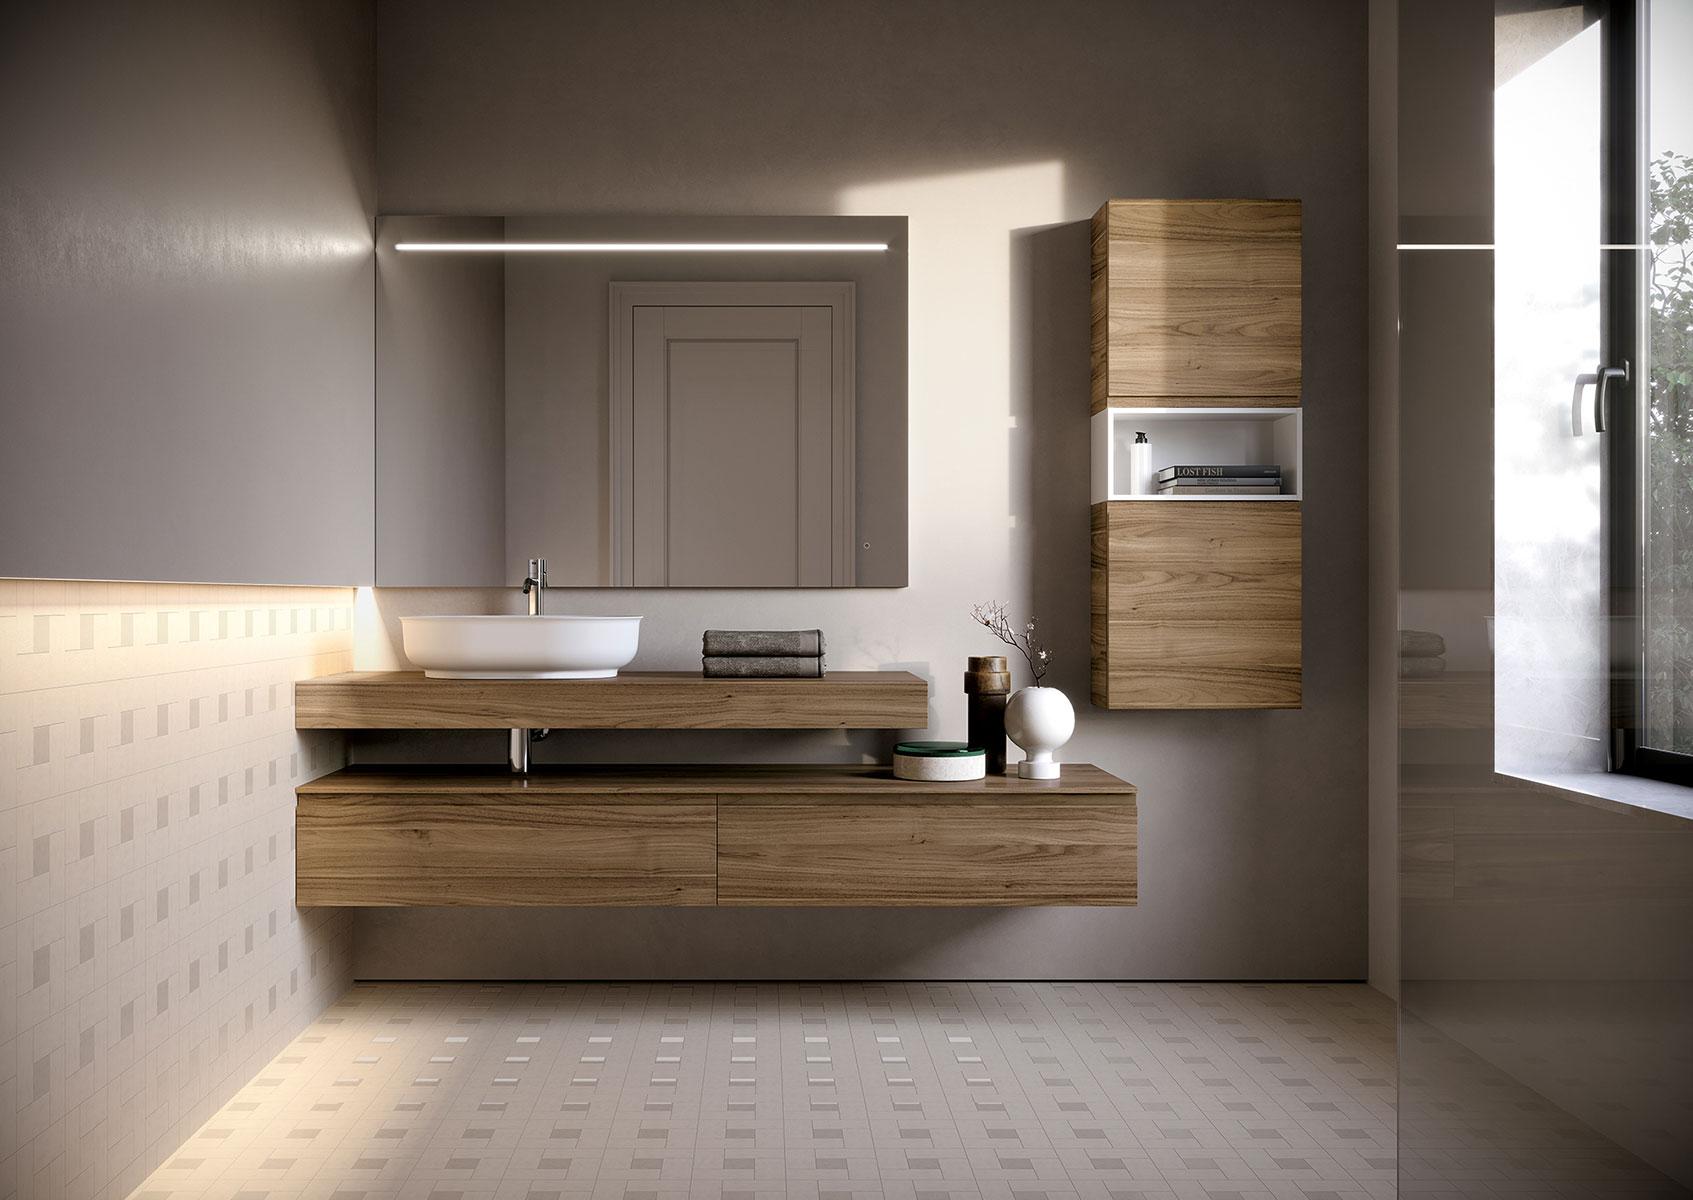 Una sola collezione infiniti stili: il design versatile di form